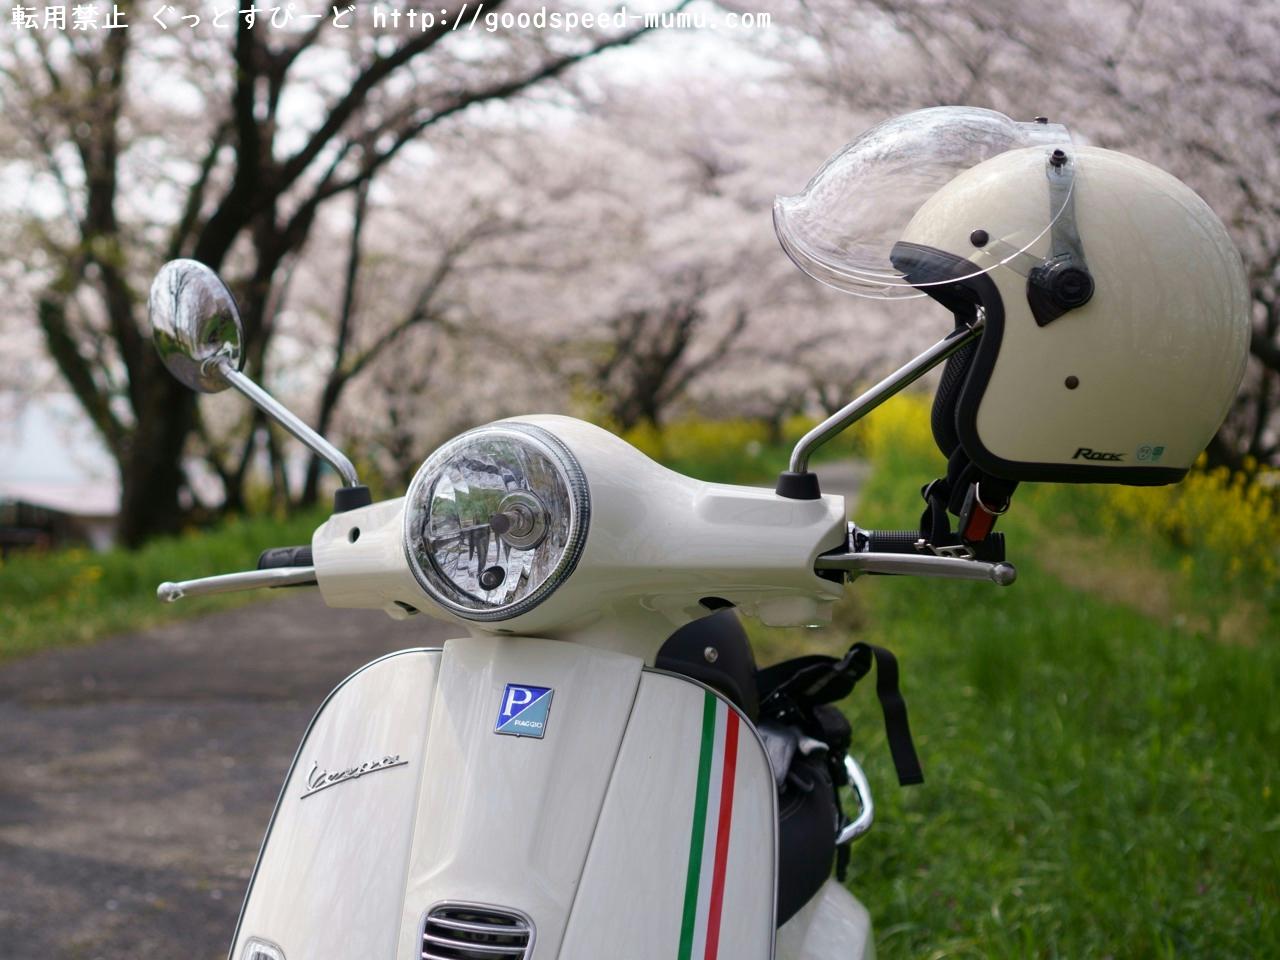 ベスパLX125 燃費報告5回目